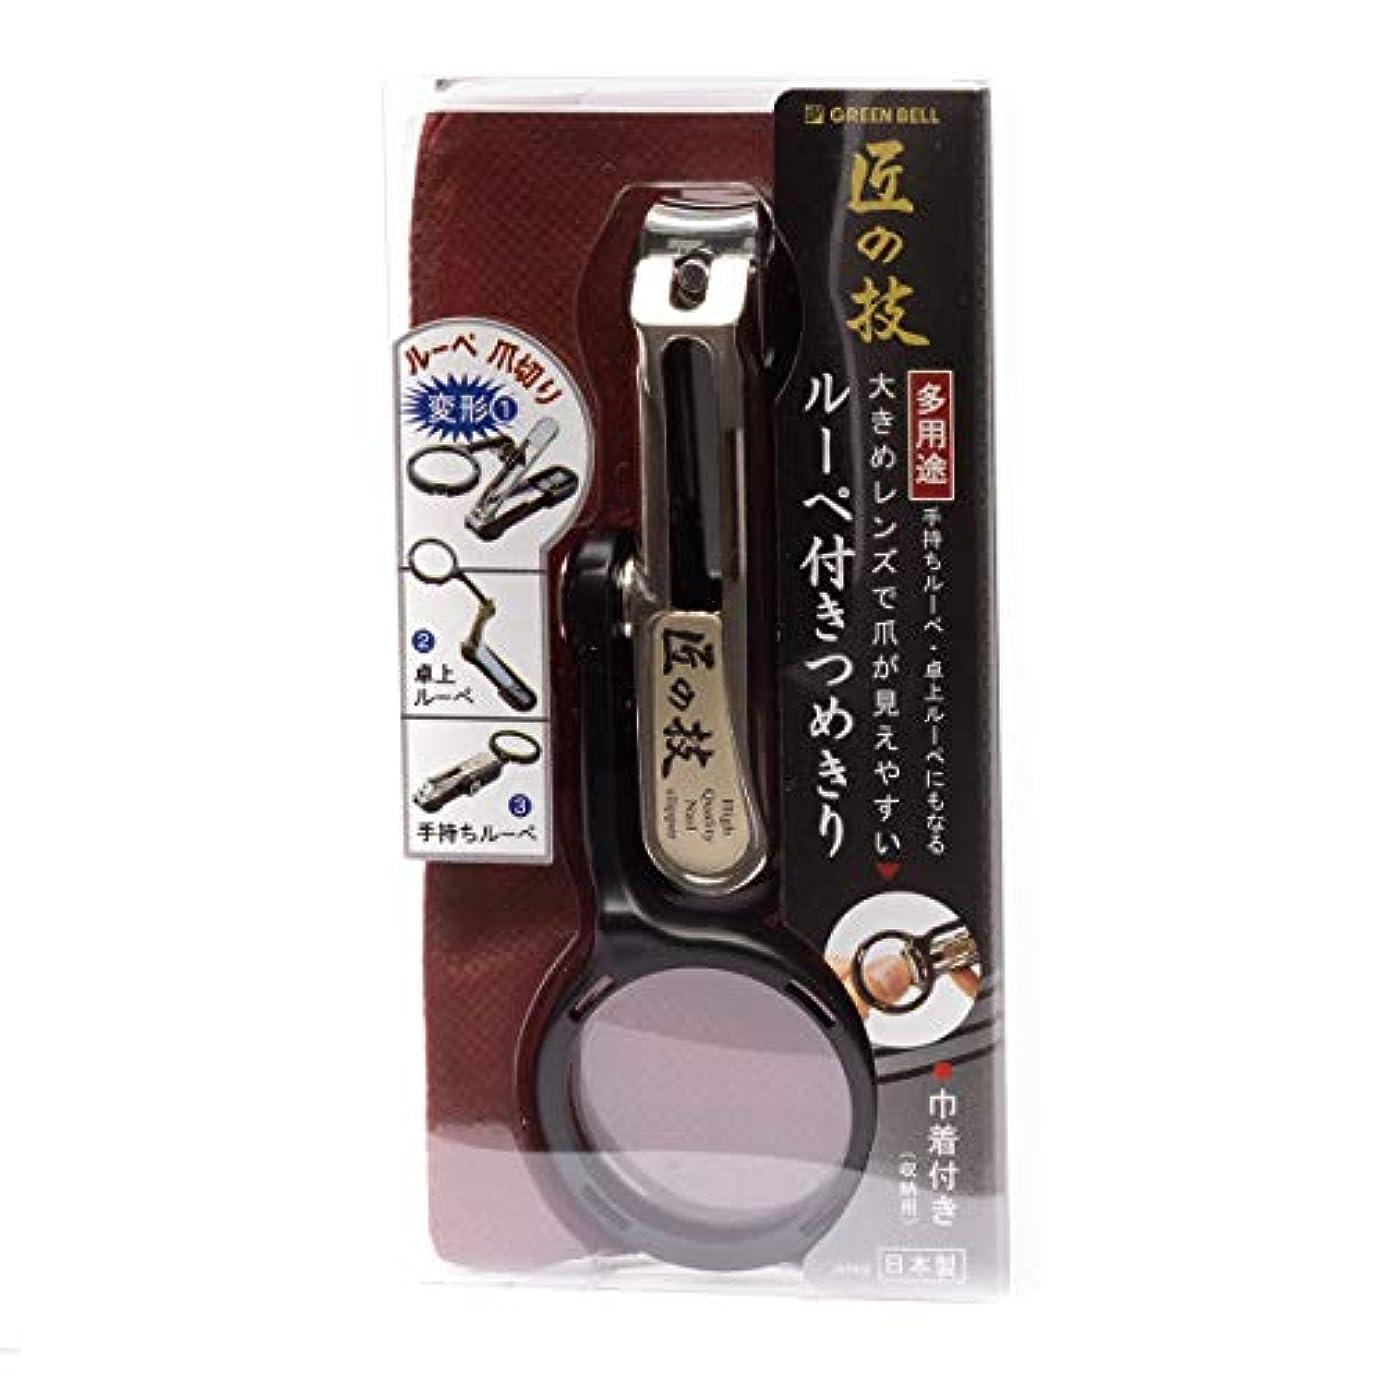 ヘッジ反発する暴行MIDI-ミディ 匠の技 ルーペ付き つめきり 黒 メガネ拭き セット (p-880123,p-k0055)